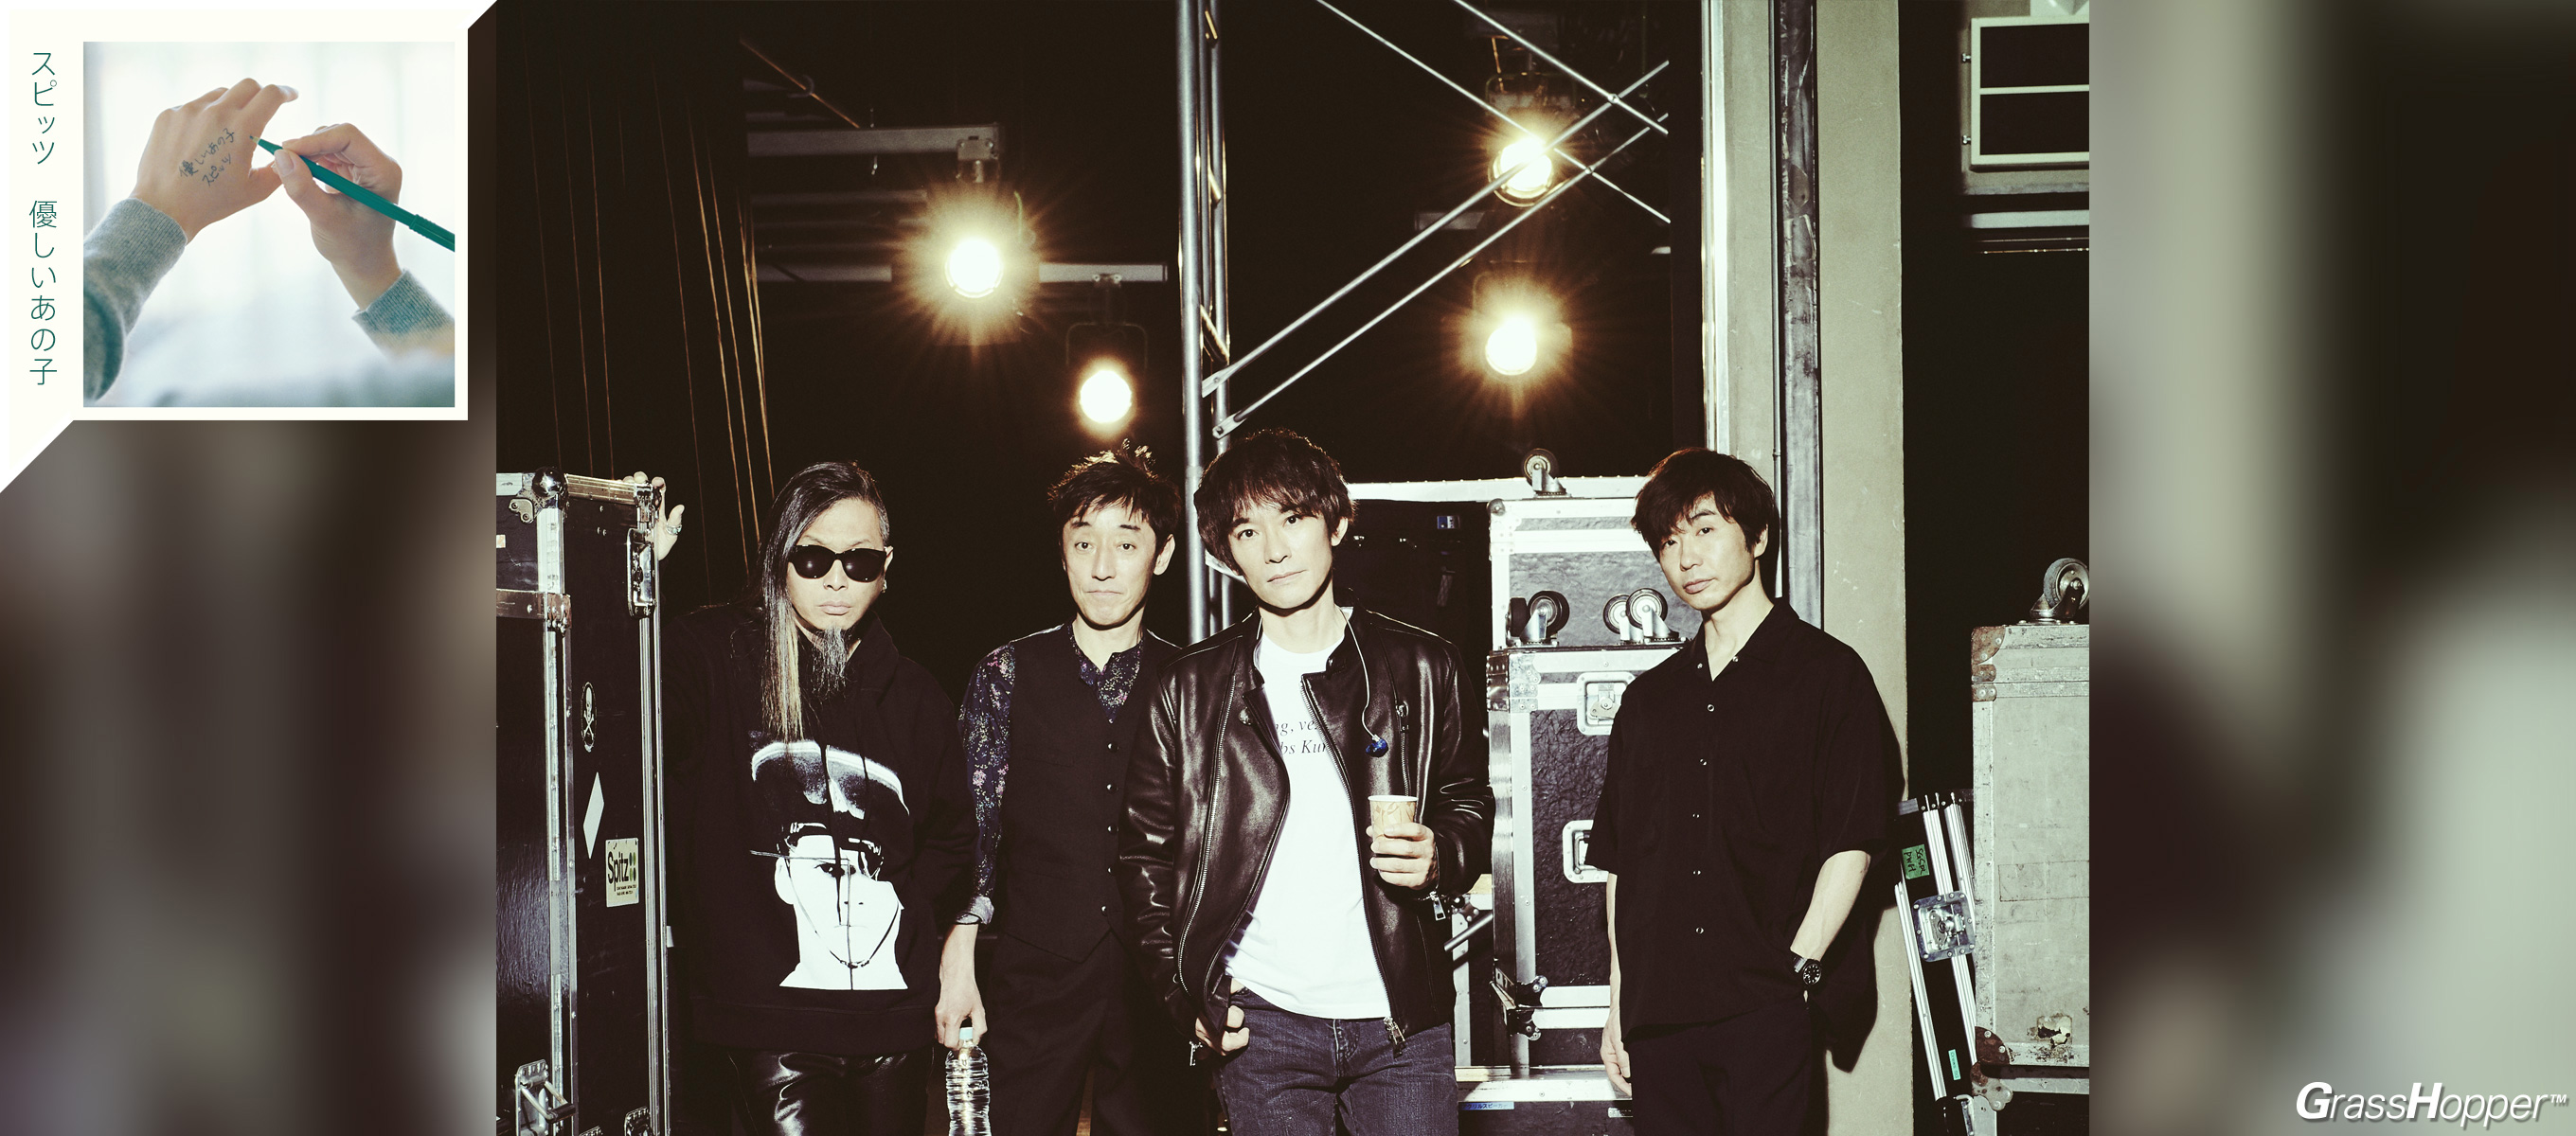 2019/6/19 リリース New Single『優しいあの子』